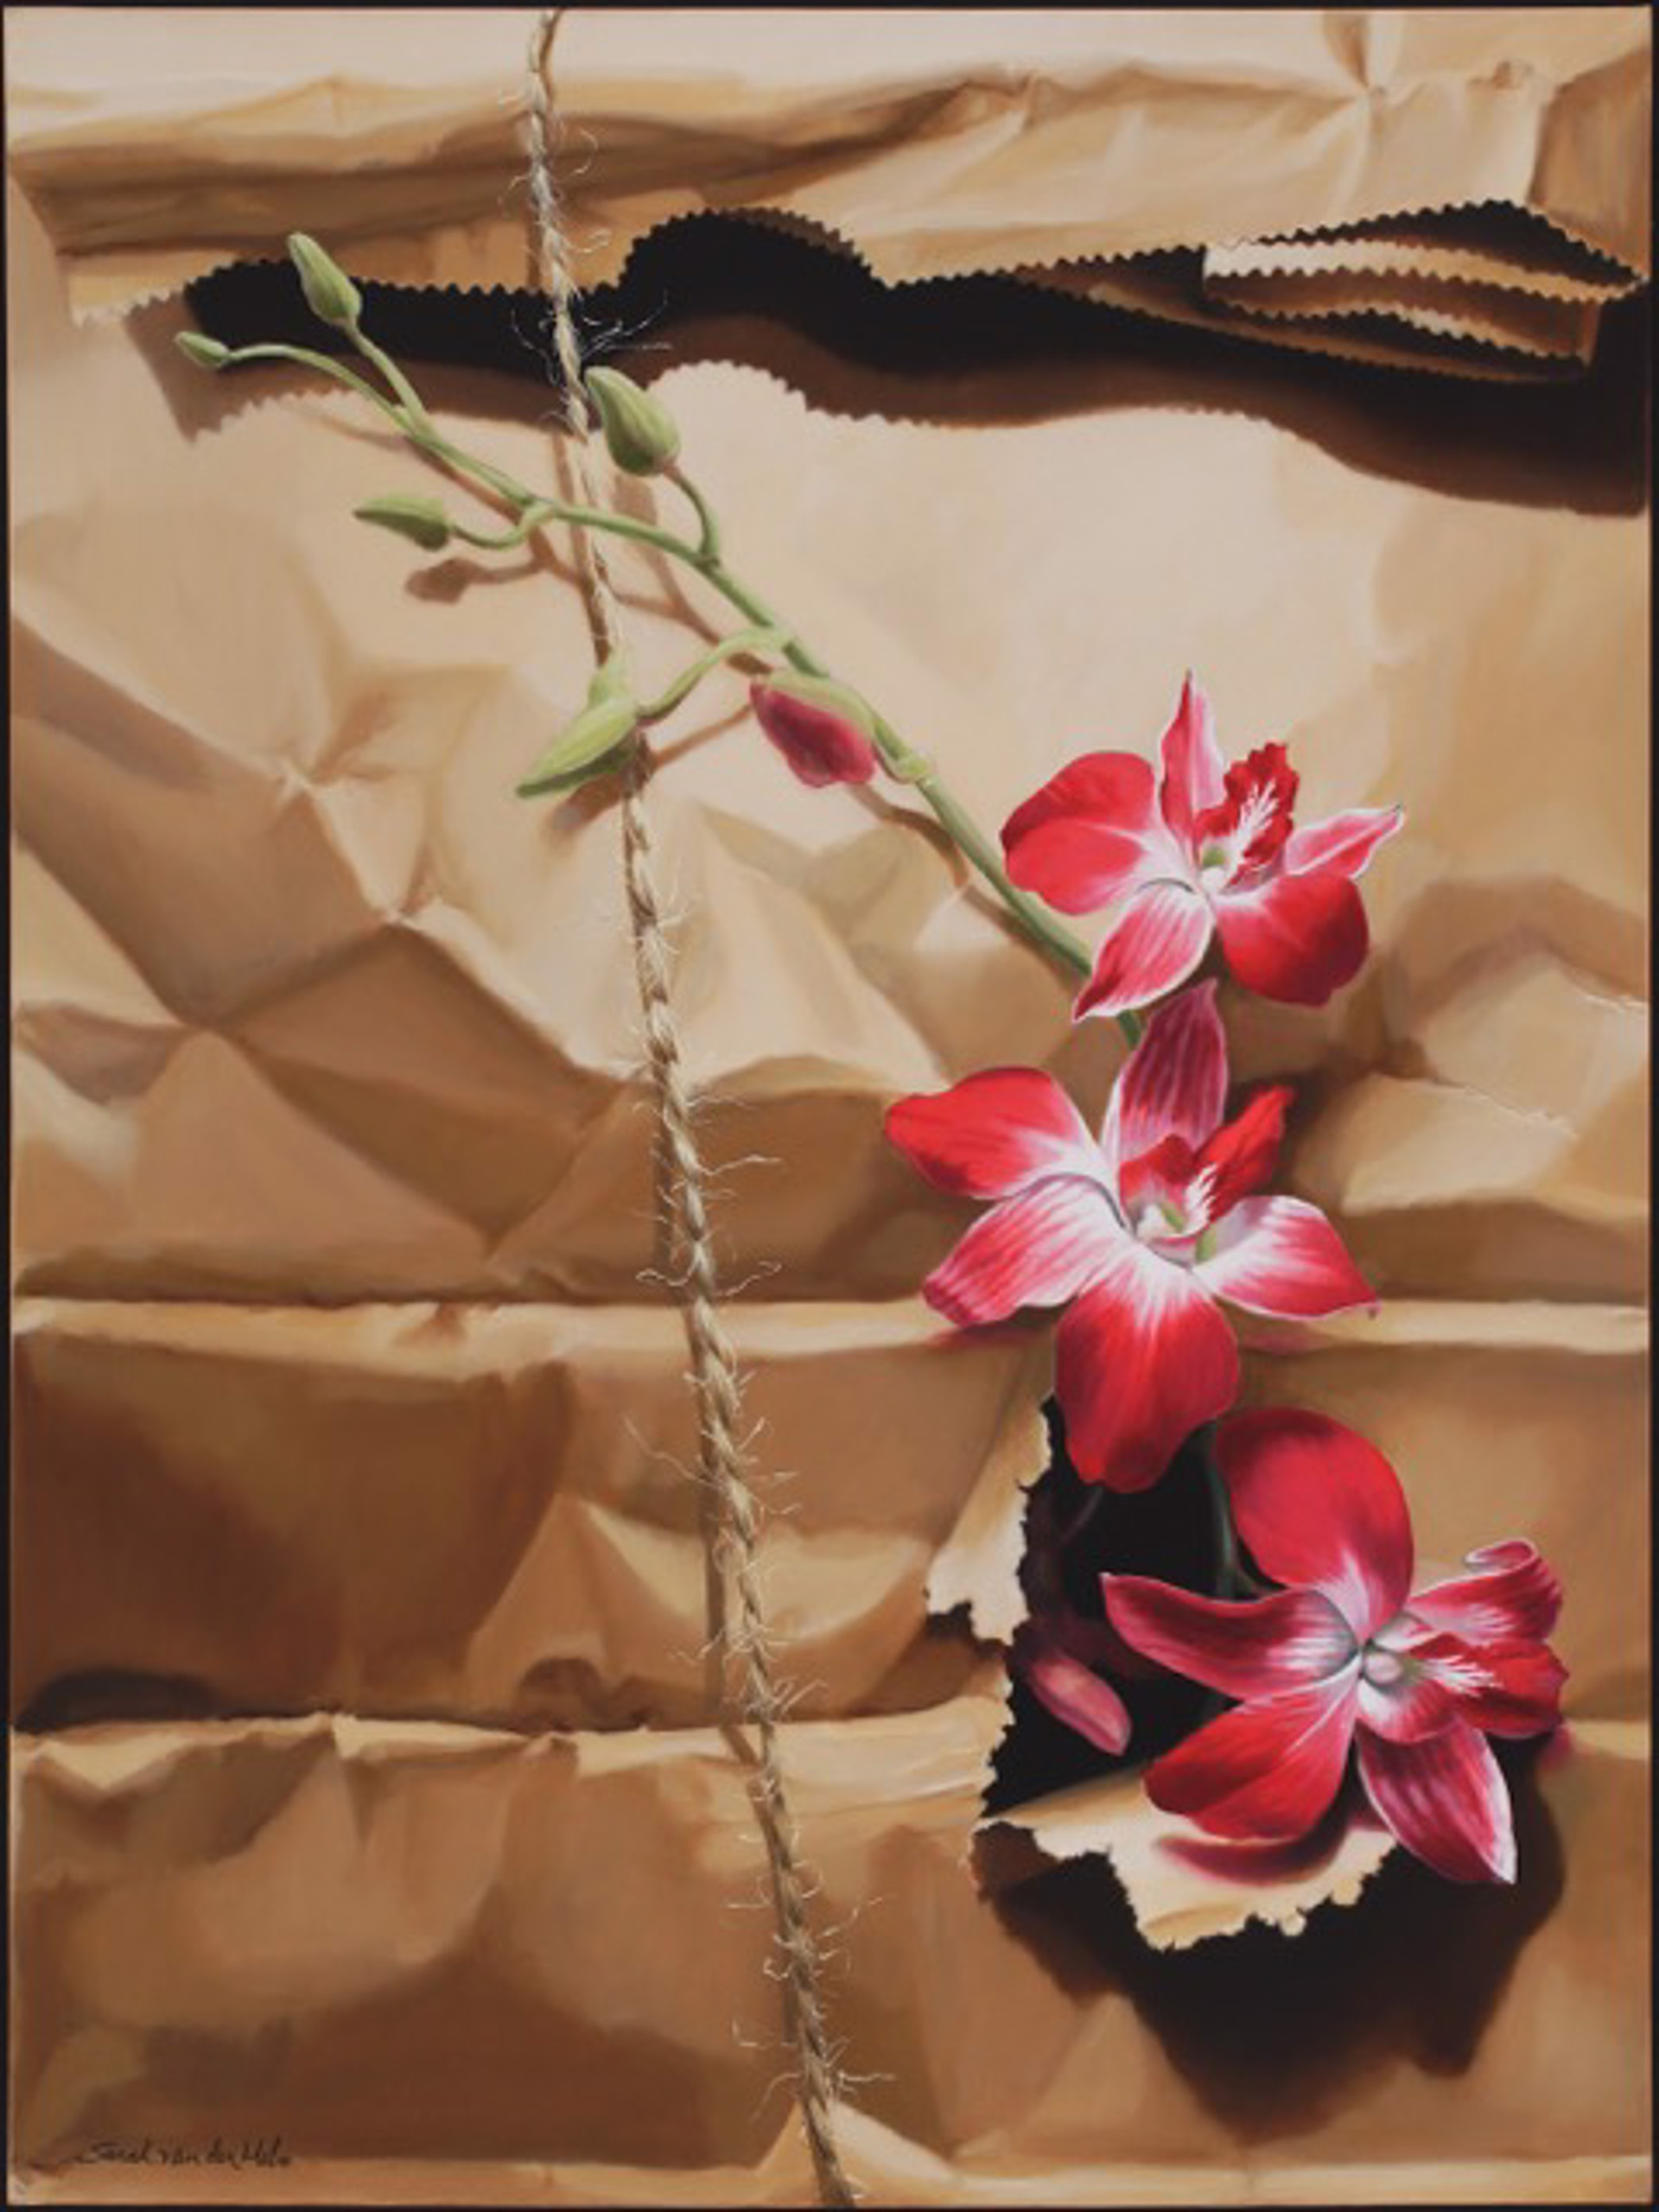 Orchids in Brown Paper Sack by Sarah van der Helm